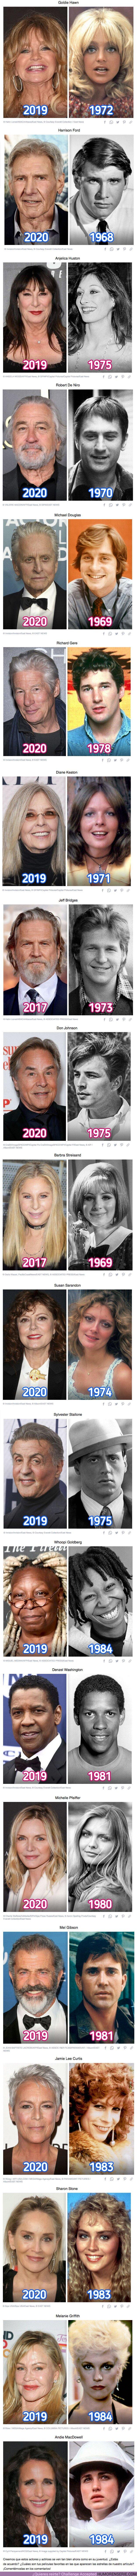 68402 - GALERÍA: Cómo lucían 20 íconos de Hollywood cuando tenían 20 años